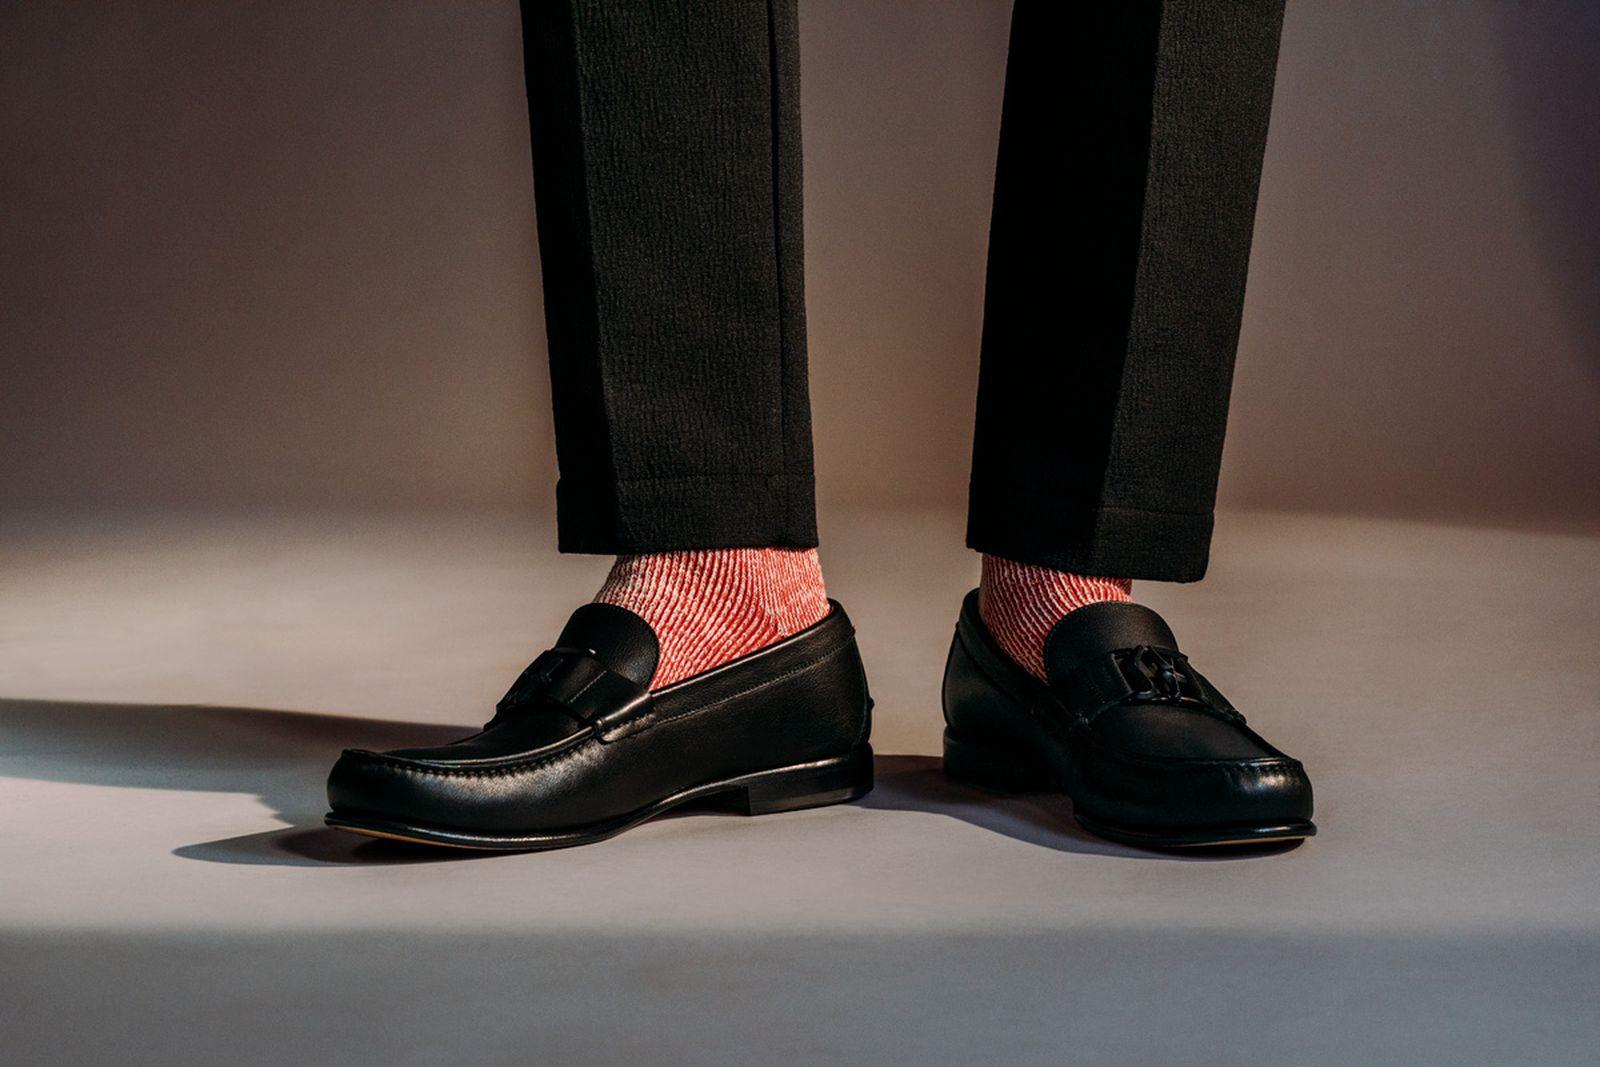 ferragamo-footwear-style-guide-01